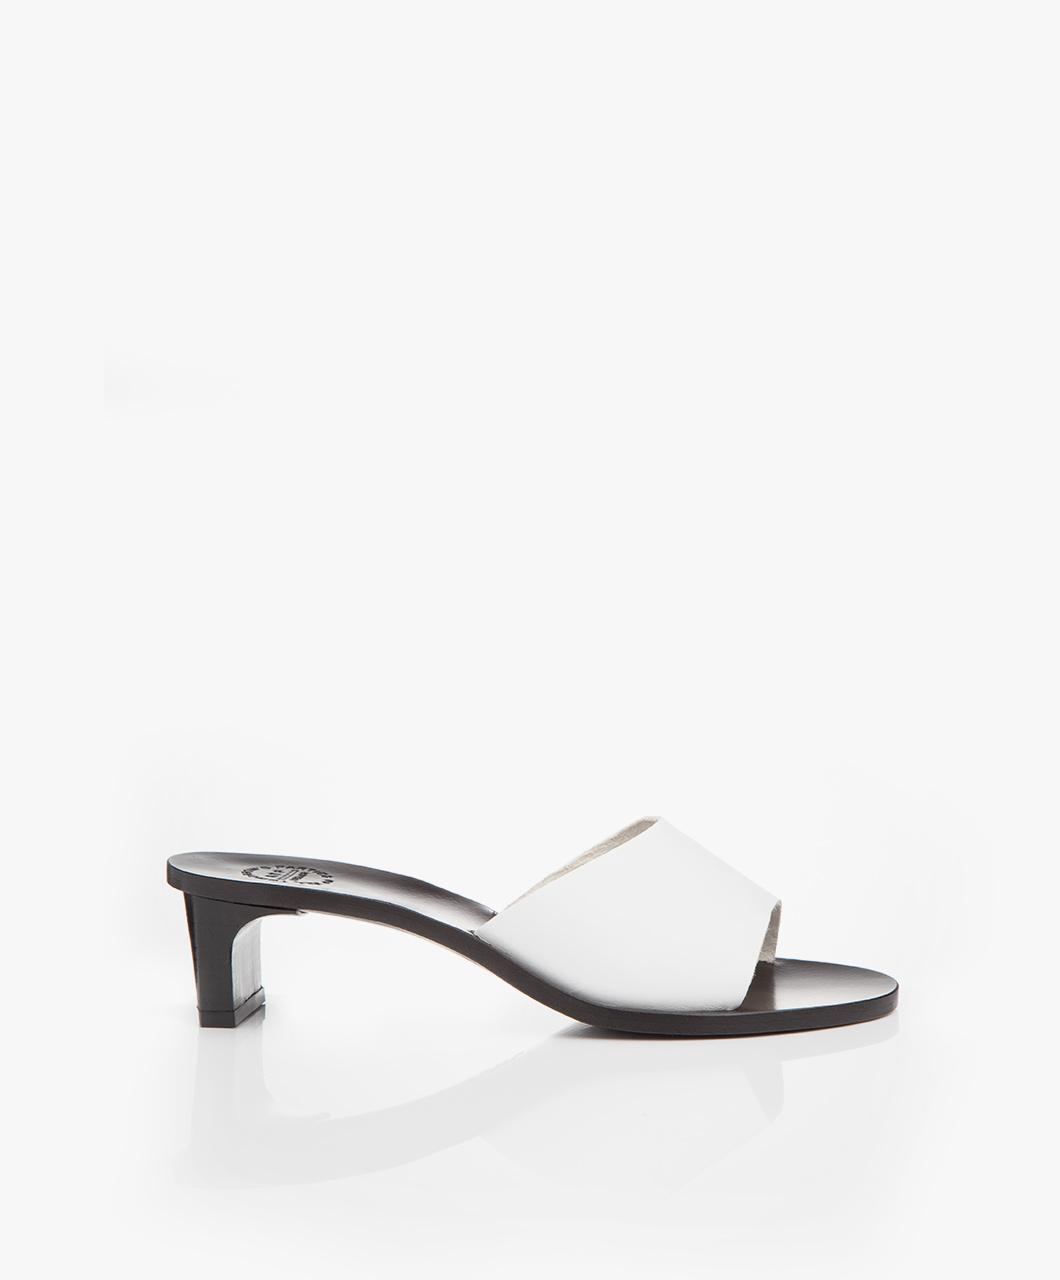 Immagine di ATP Atelier Mules White Peonia Vachetta Leather